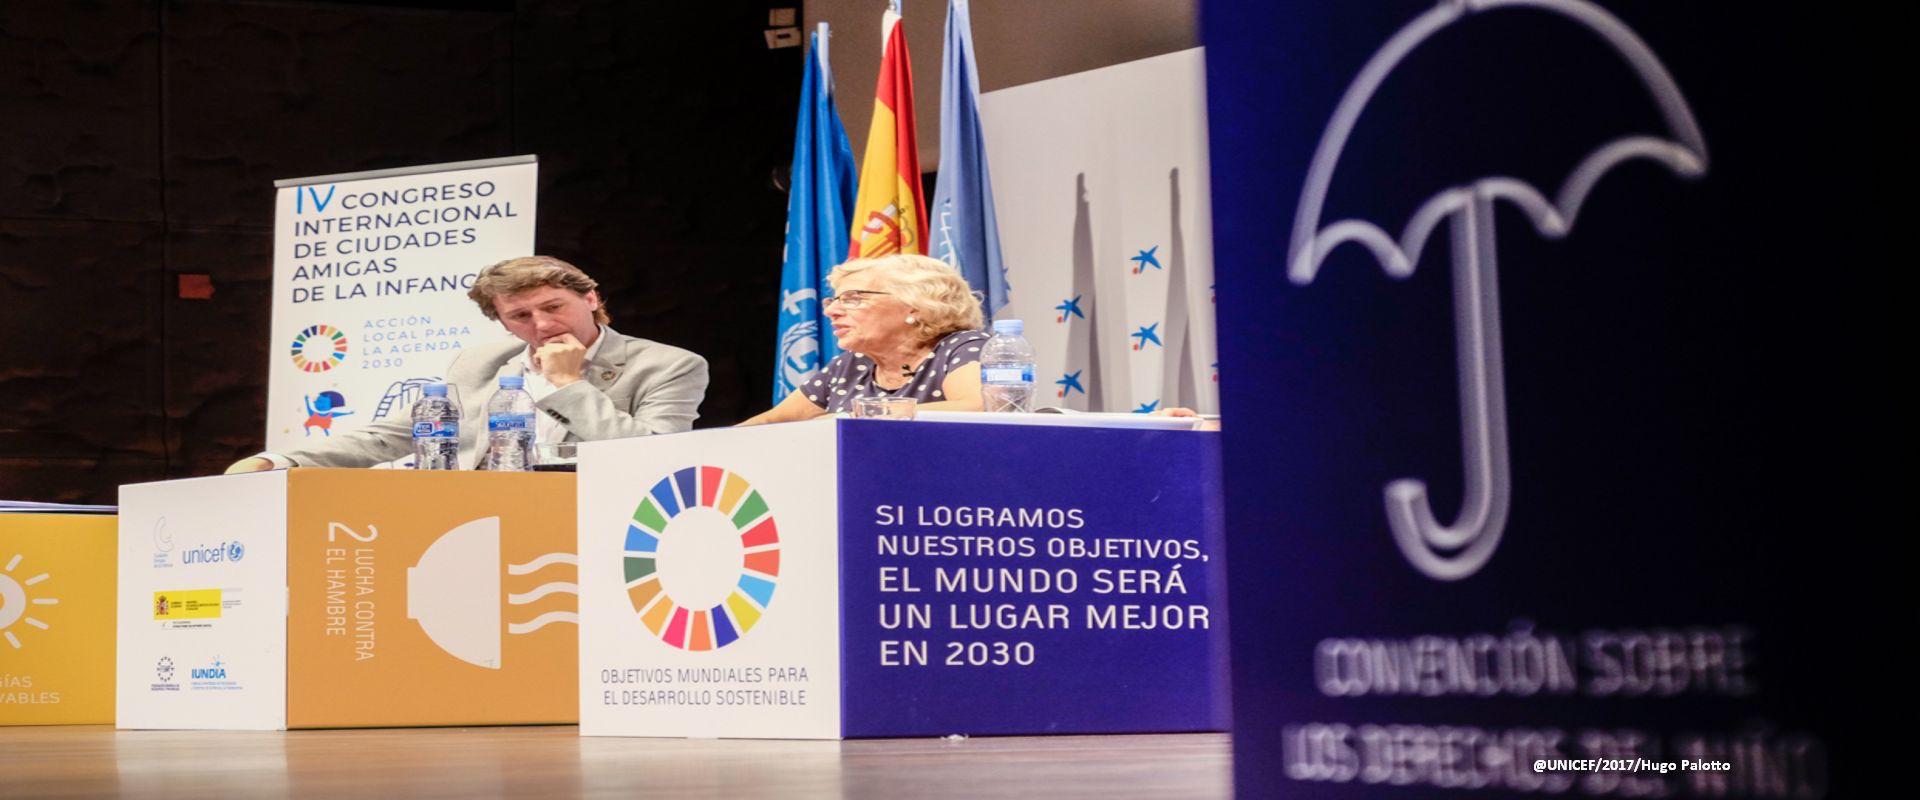 Municipios españoles y Agenda 2030 en favor de la infancia